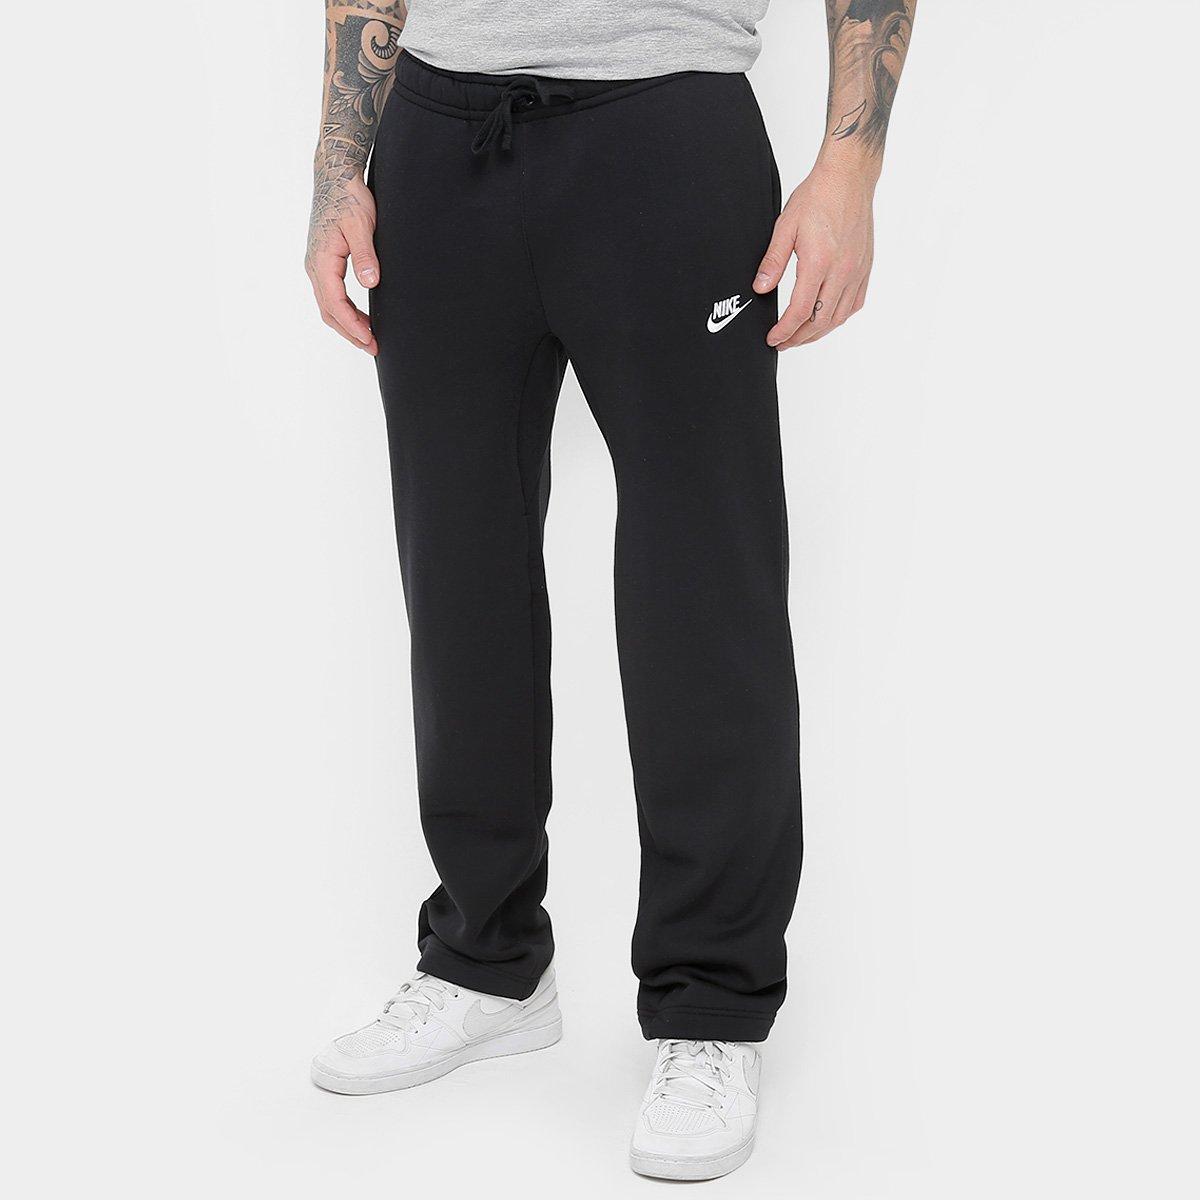 a2cb7c1462 Calça Nike Nsw Pant Oh Flc Club - Compre Agora